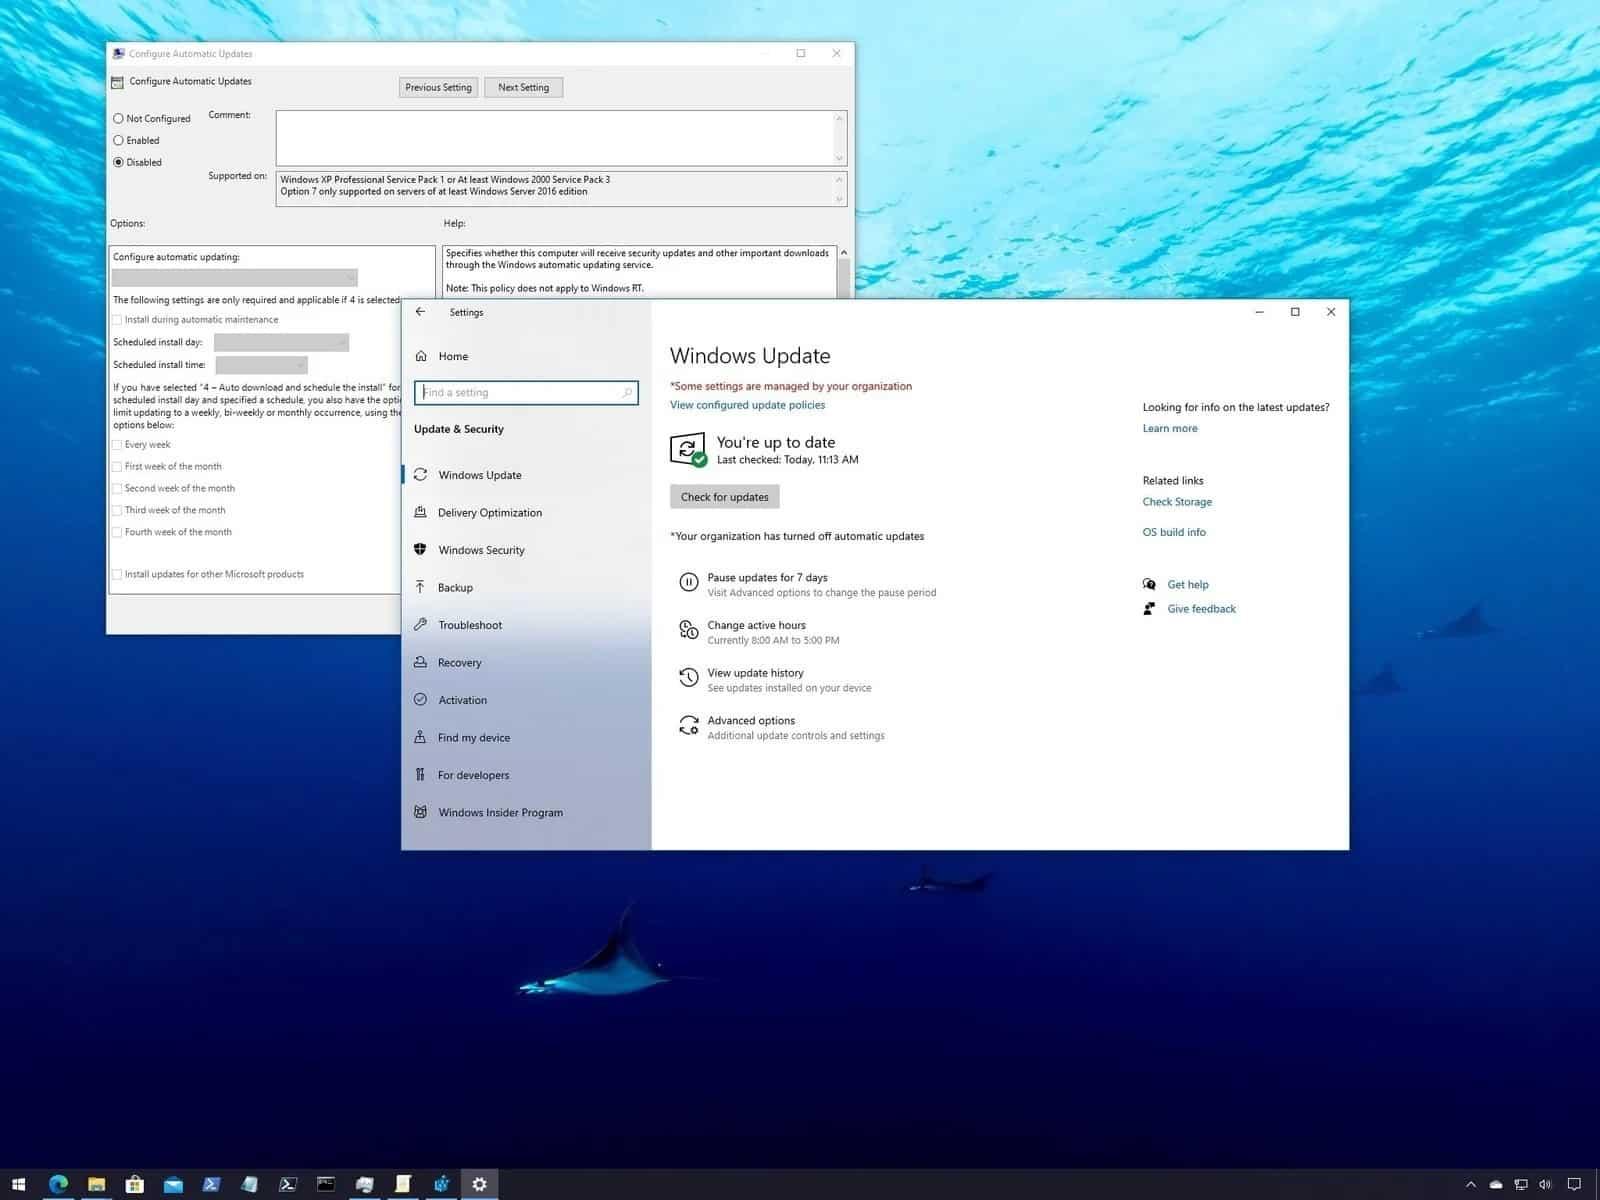 Pada bagian ini, Anda akan melihat banyak tools dengan berbagai fungsi. Untuk mematikan proses update Windows 10, maka Anda harus memilih tools Service